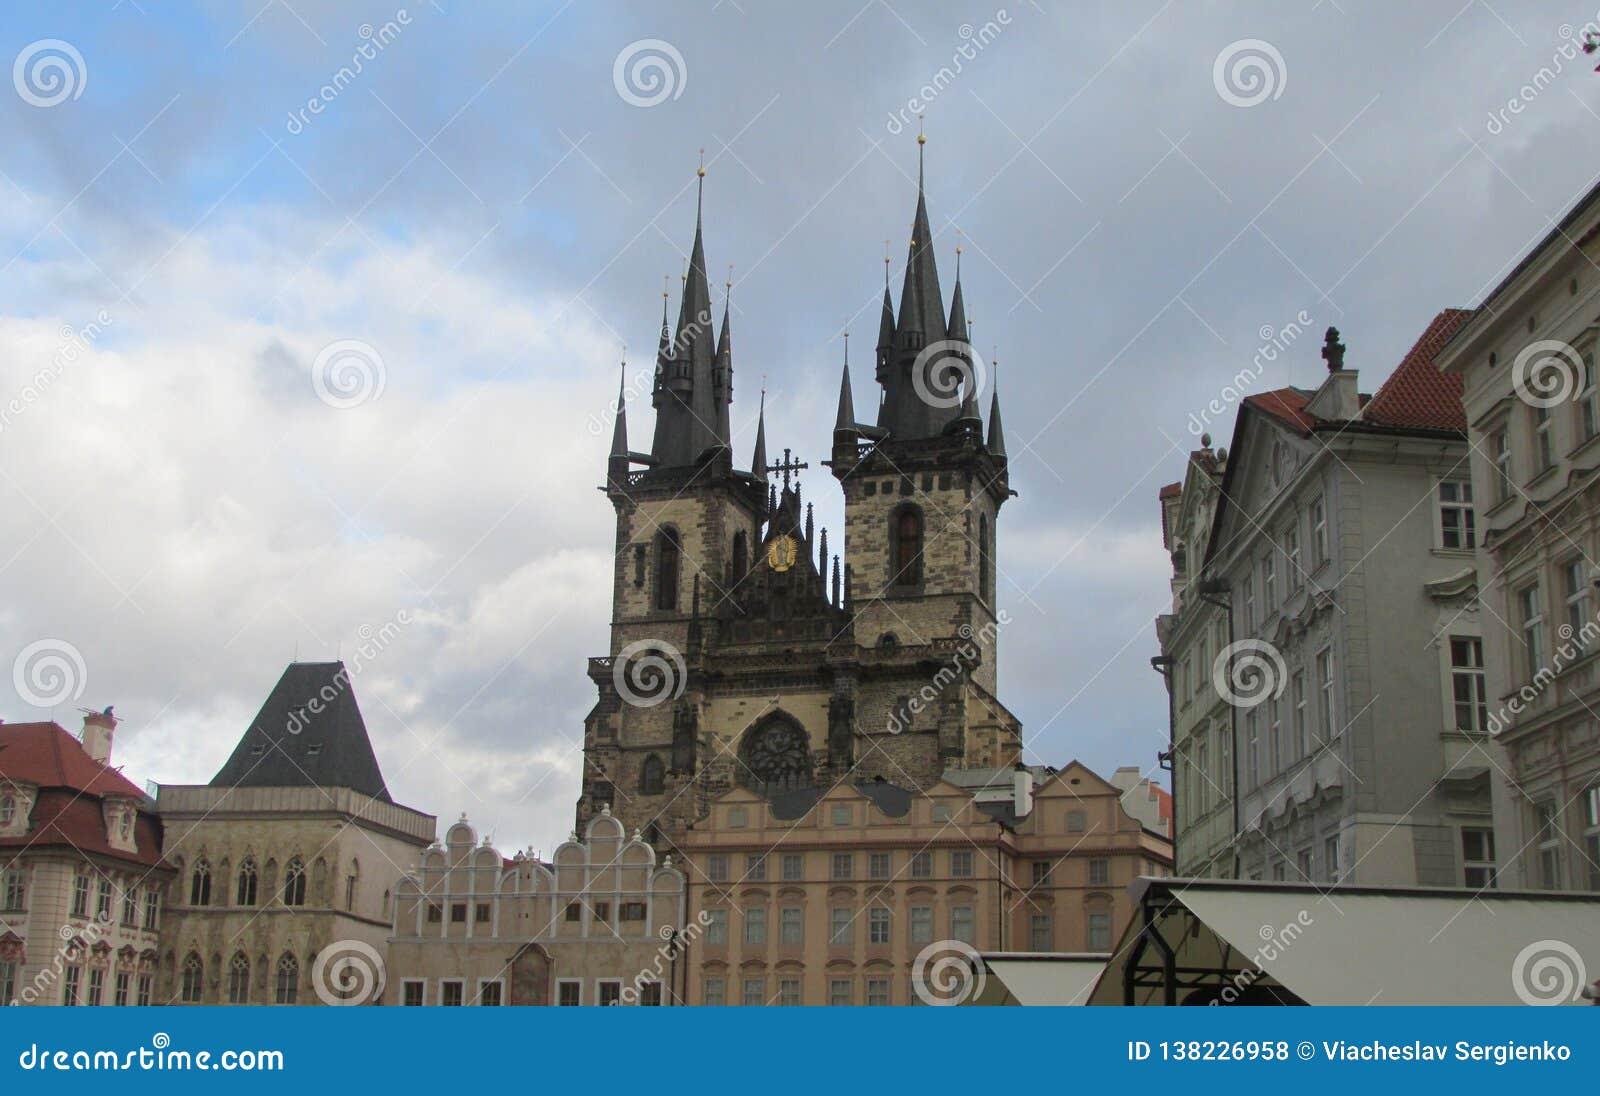 Het centrale vierkant van Praag - Oude Stad, Tsjechische Republiek